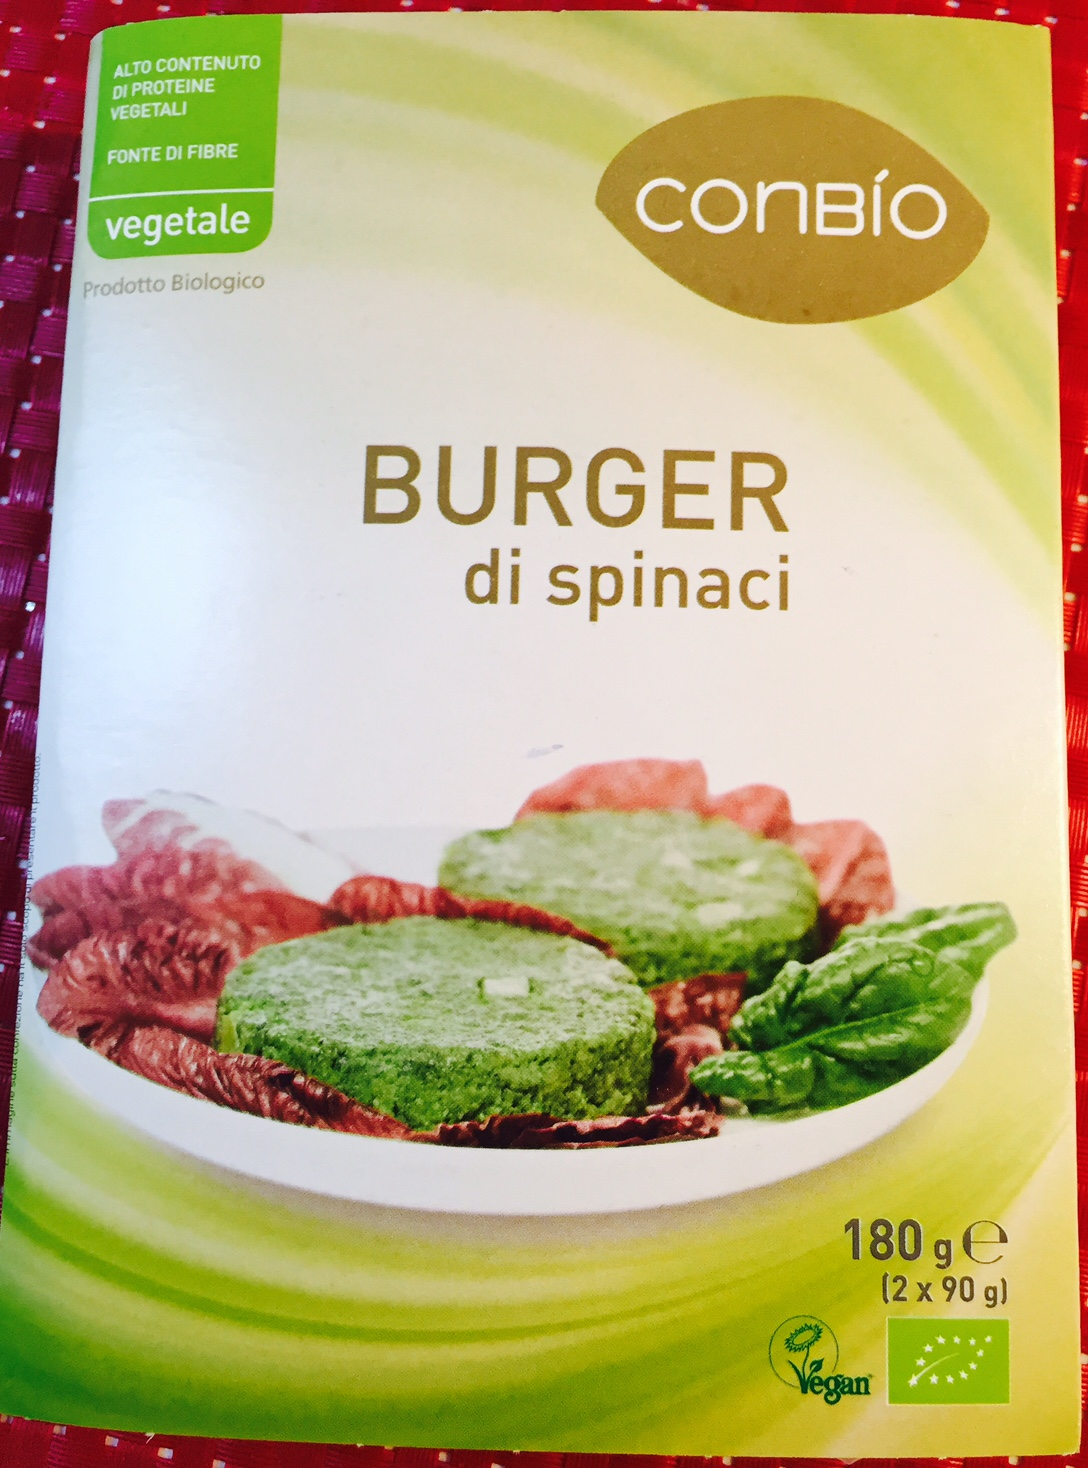 Burger di spinaci Conbio - lattosio 0% Image